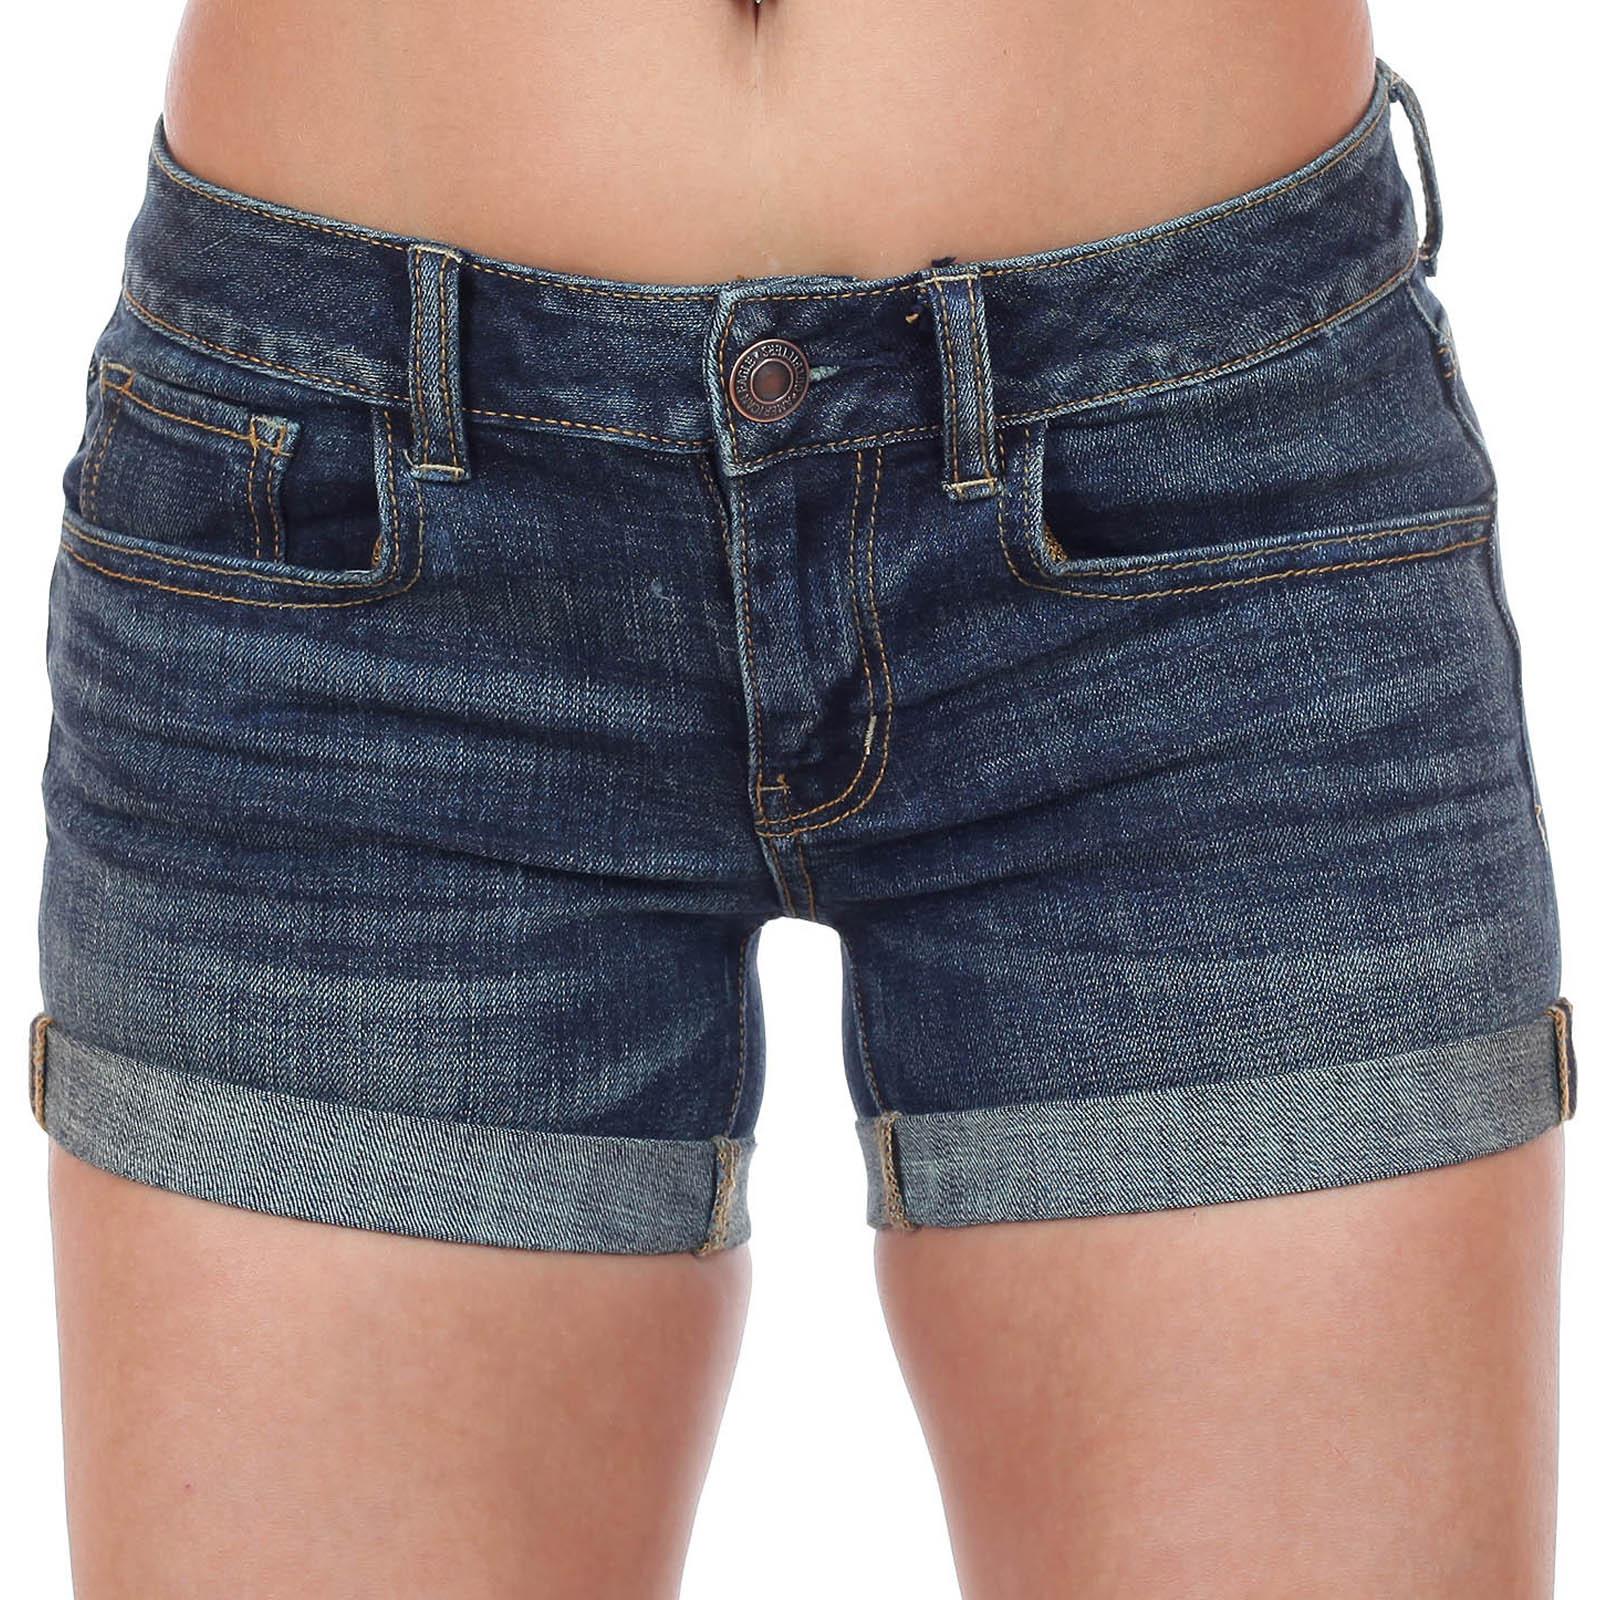 Женские джинсовые мини шорты